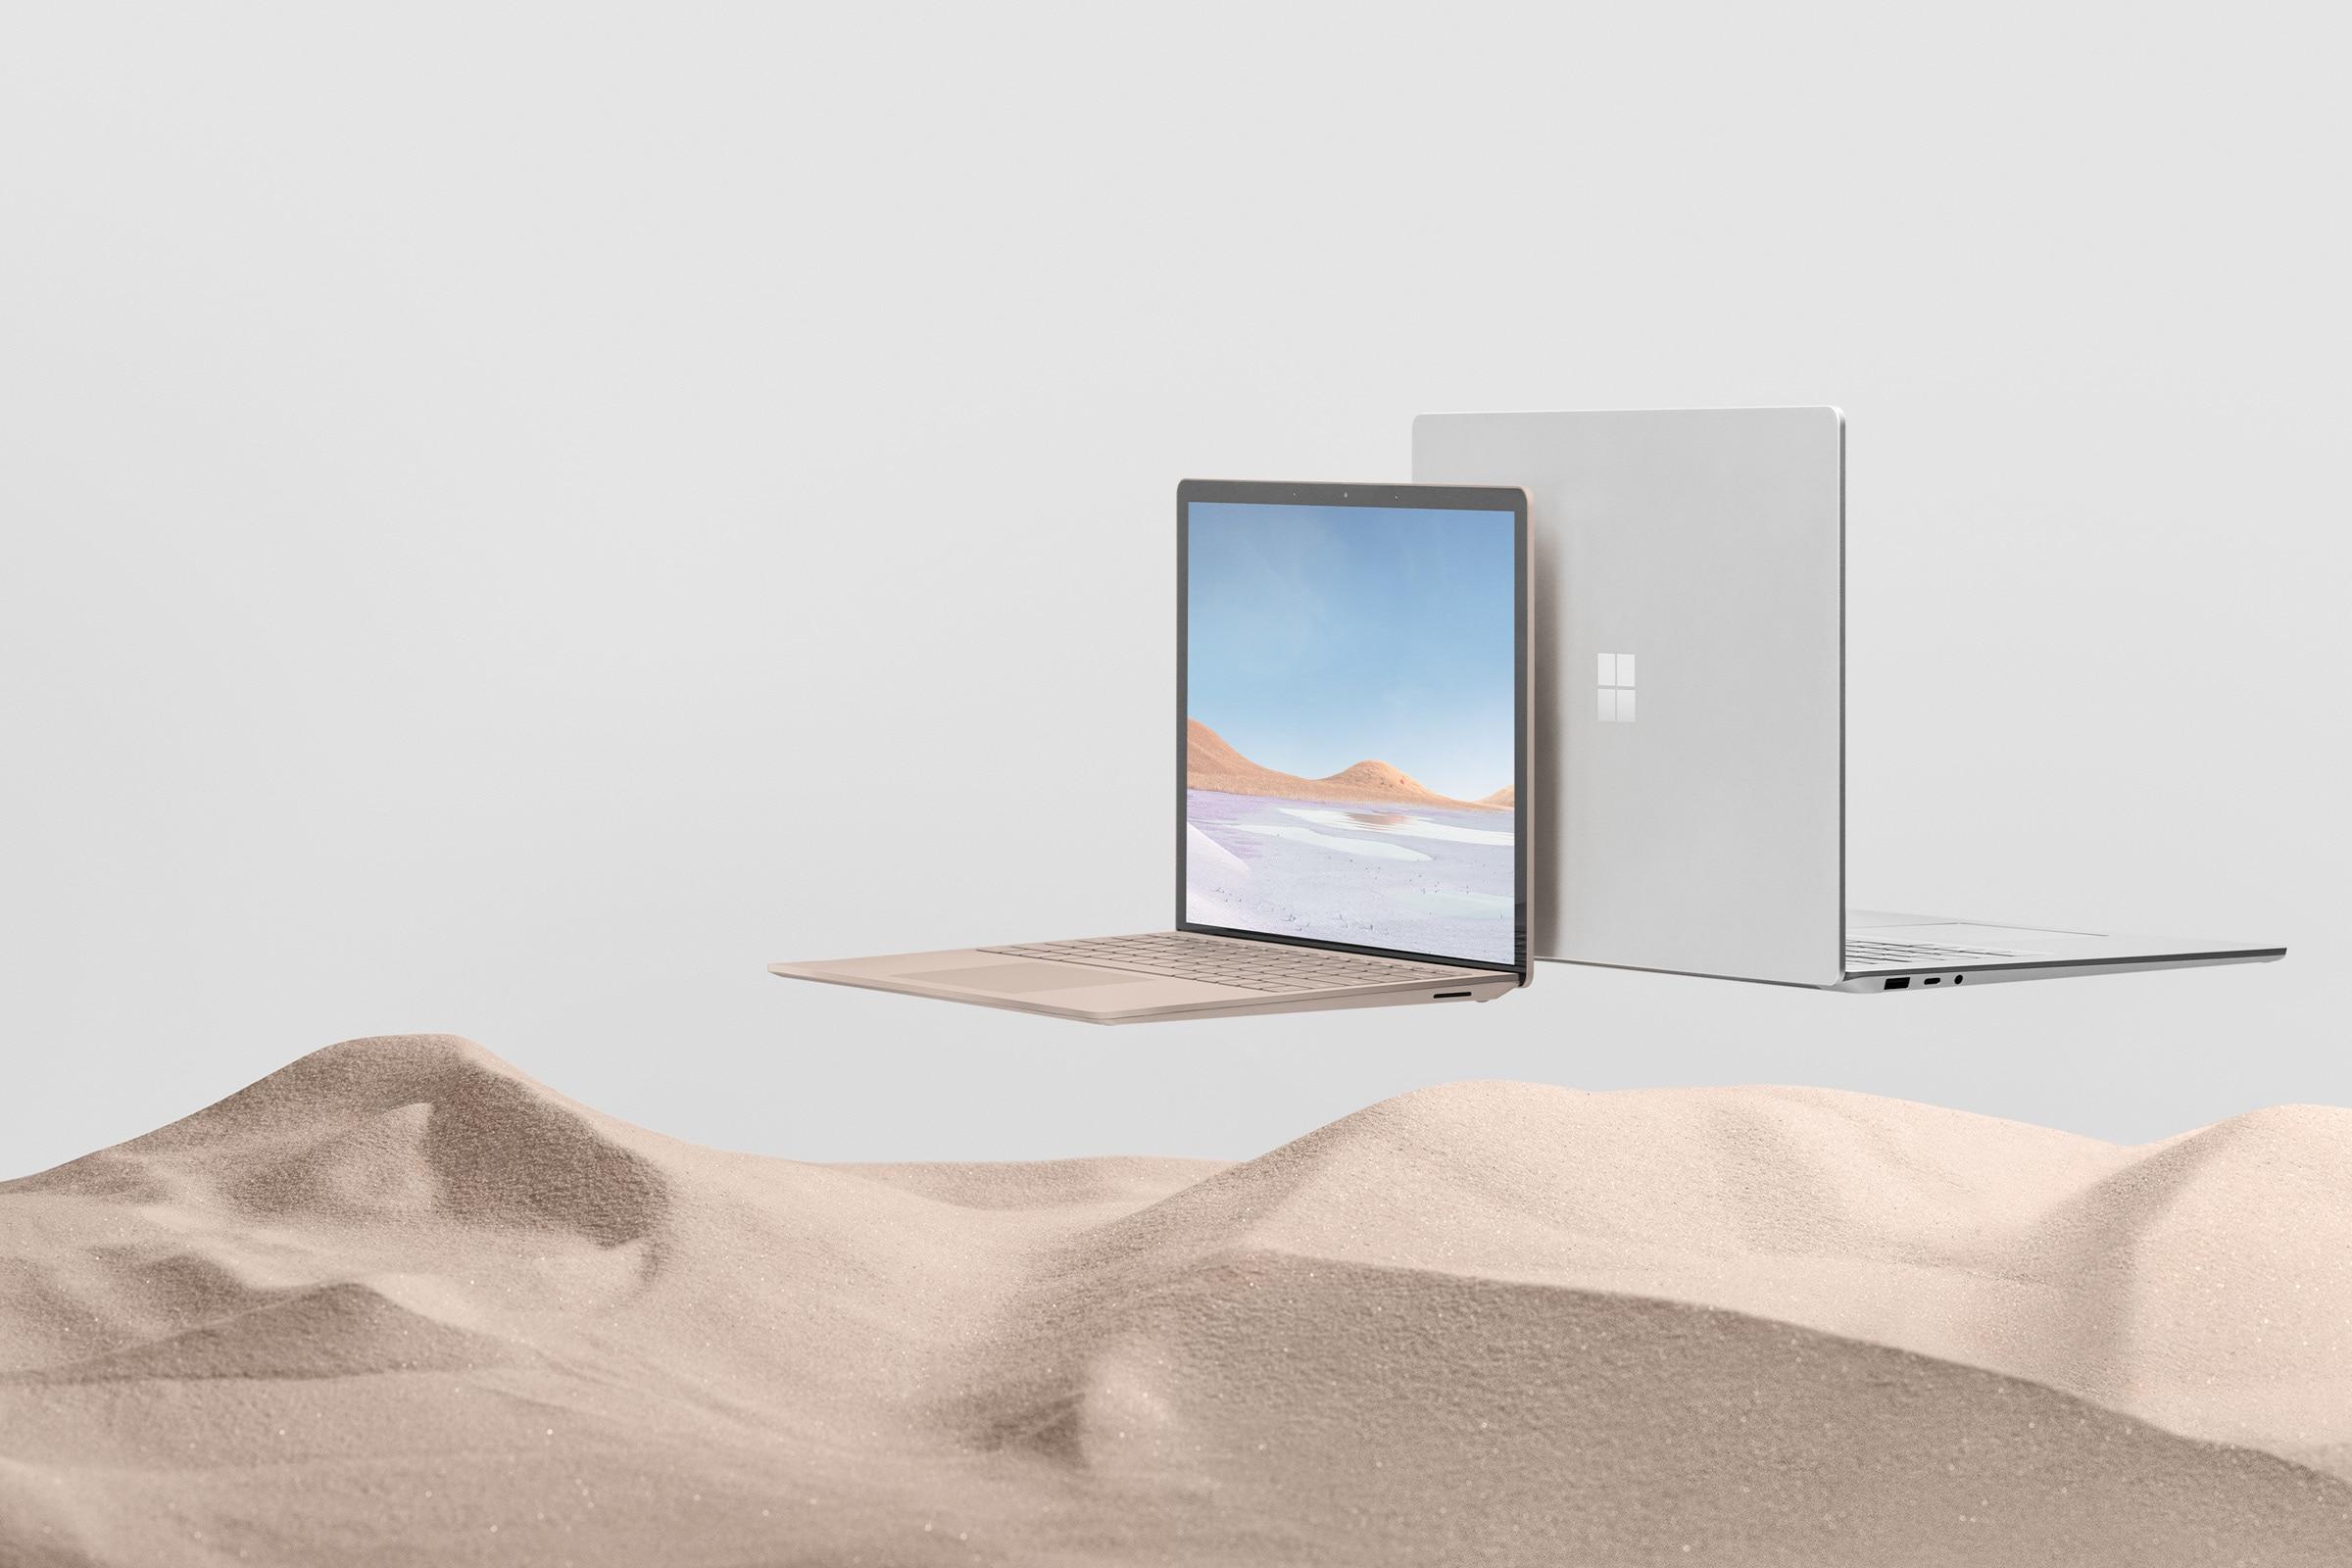 13.5 吋沙巖色和 15 吋白金色的 Surface Laptop 3